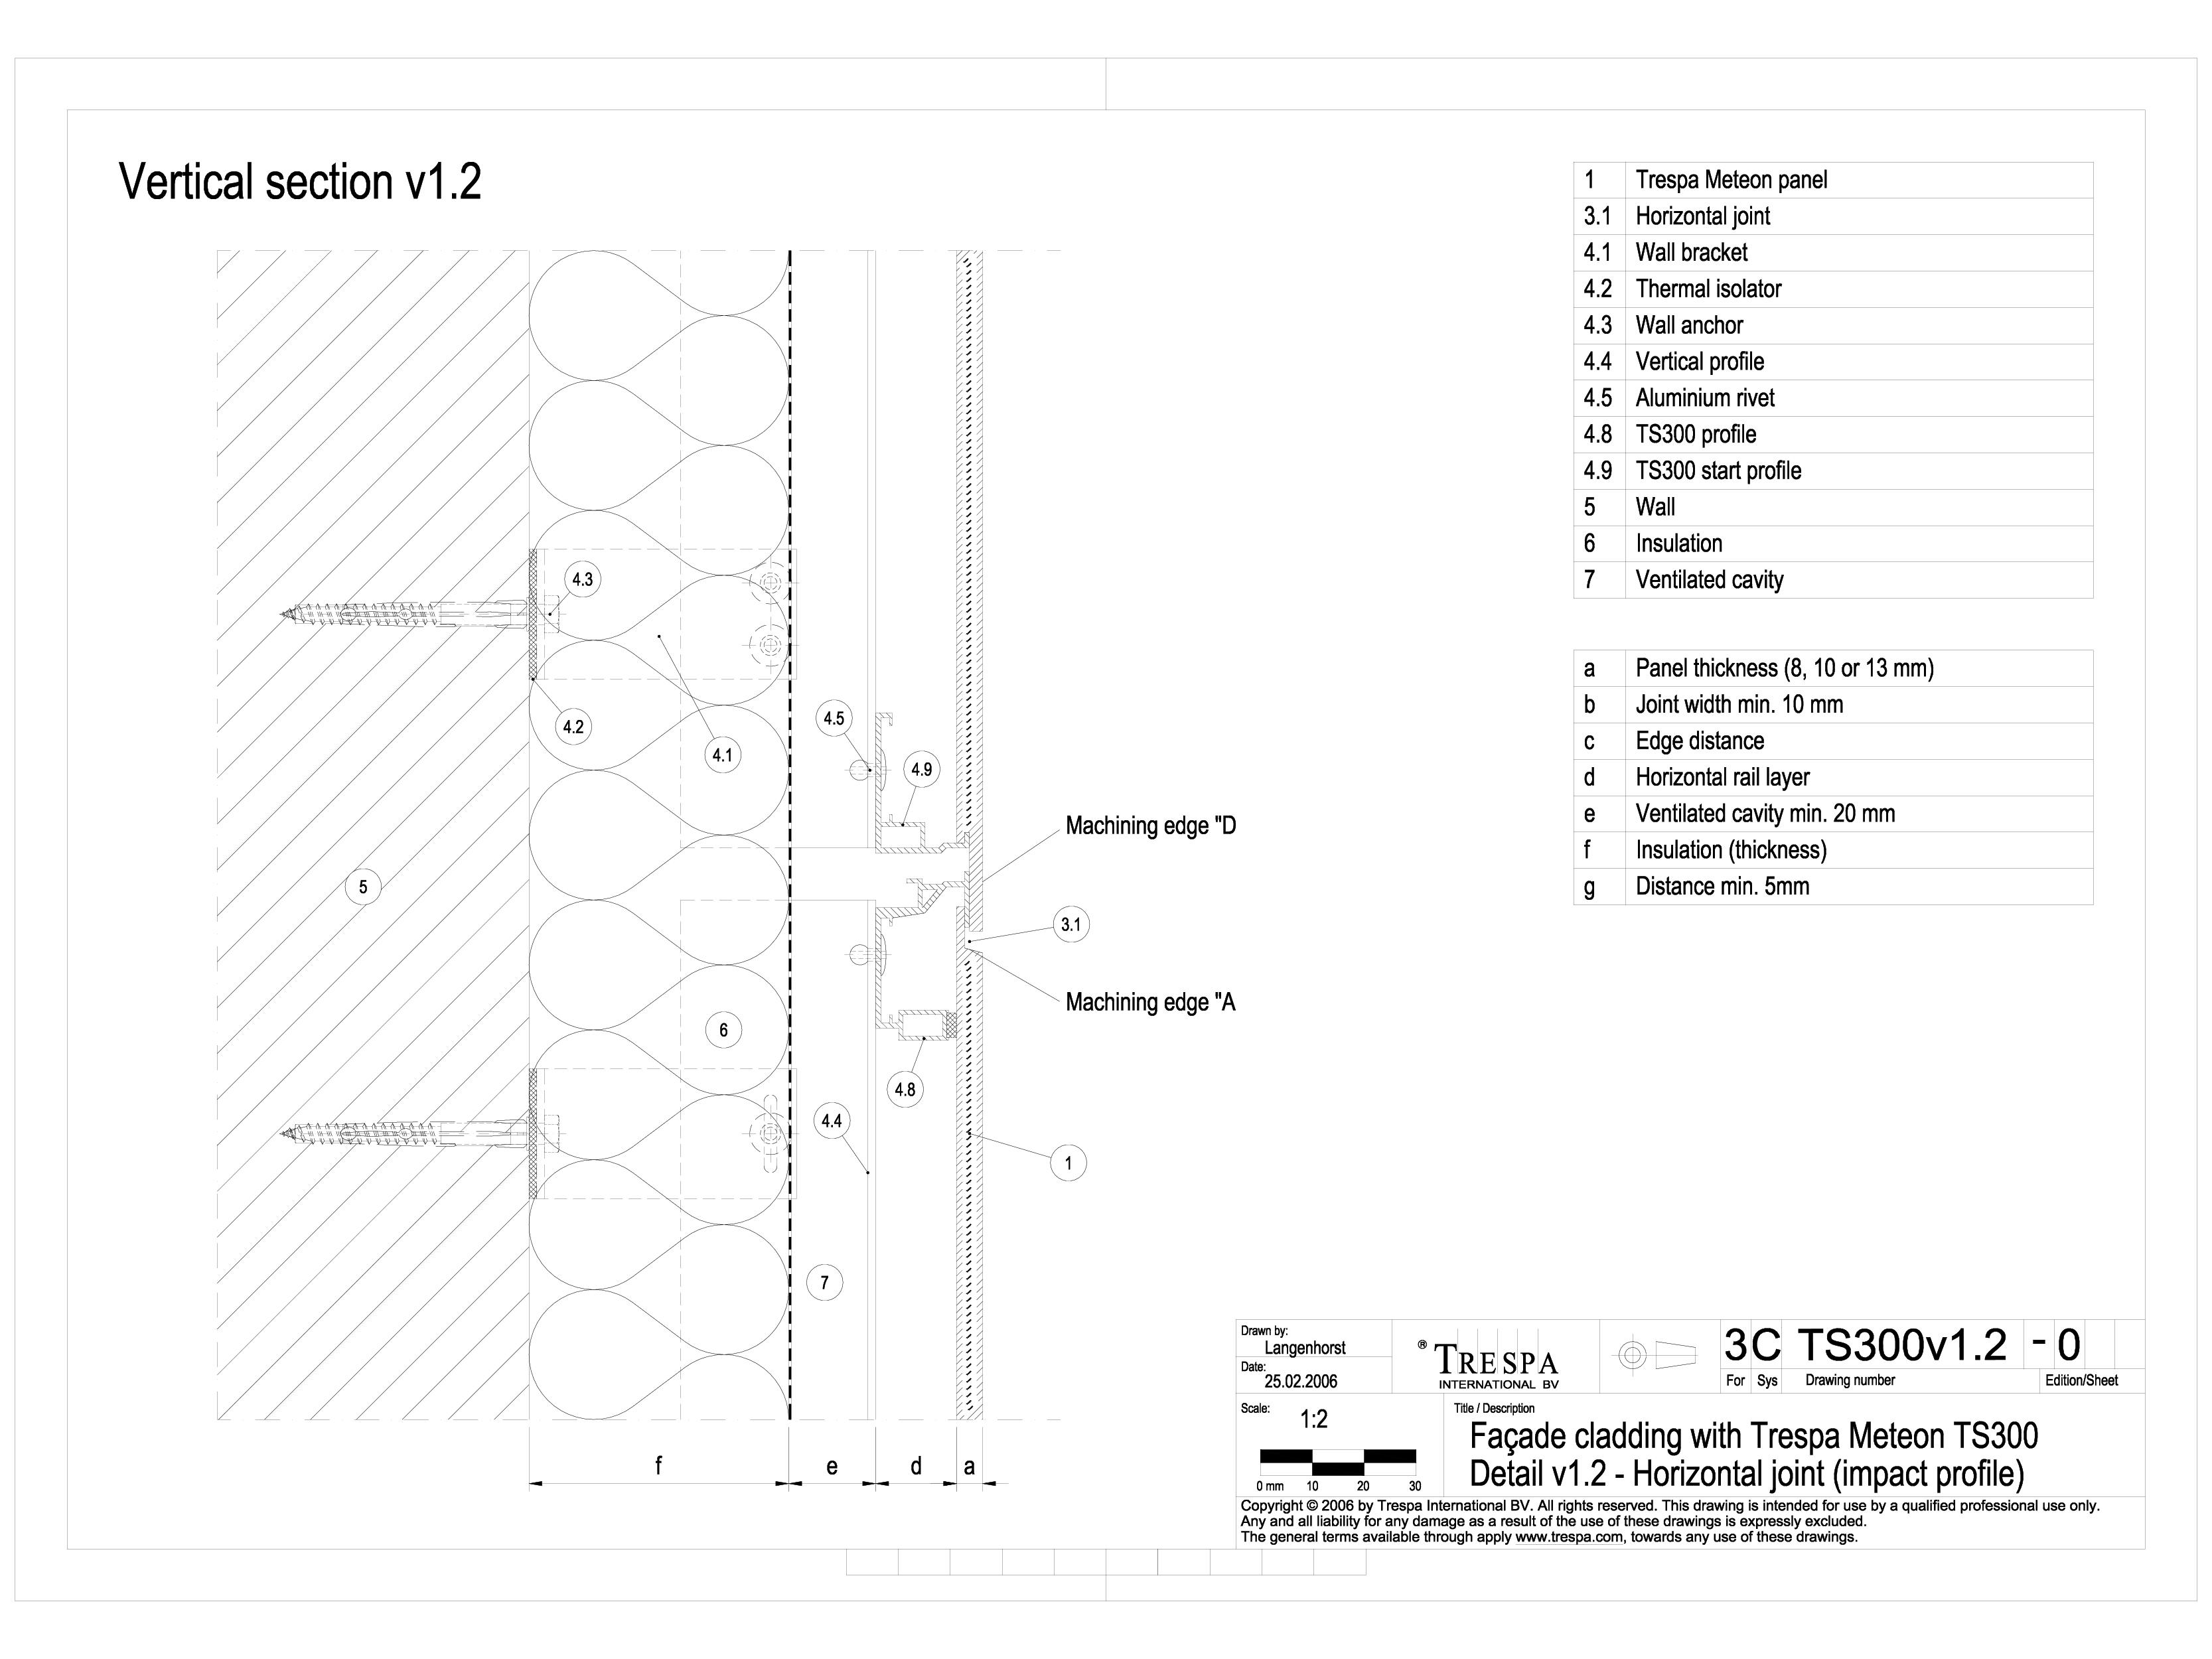 Sisteme de prindere fatade ventilate cu profile oarbe, detaliu de imbinare pe orizontala cu profil intermediar METEON TRESPA Placi HPL pentru fatade ventilate GIBB TECHNOLOGIES  - Pagina 1